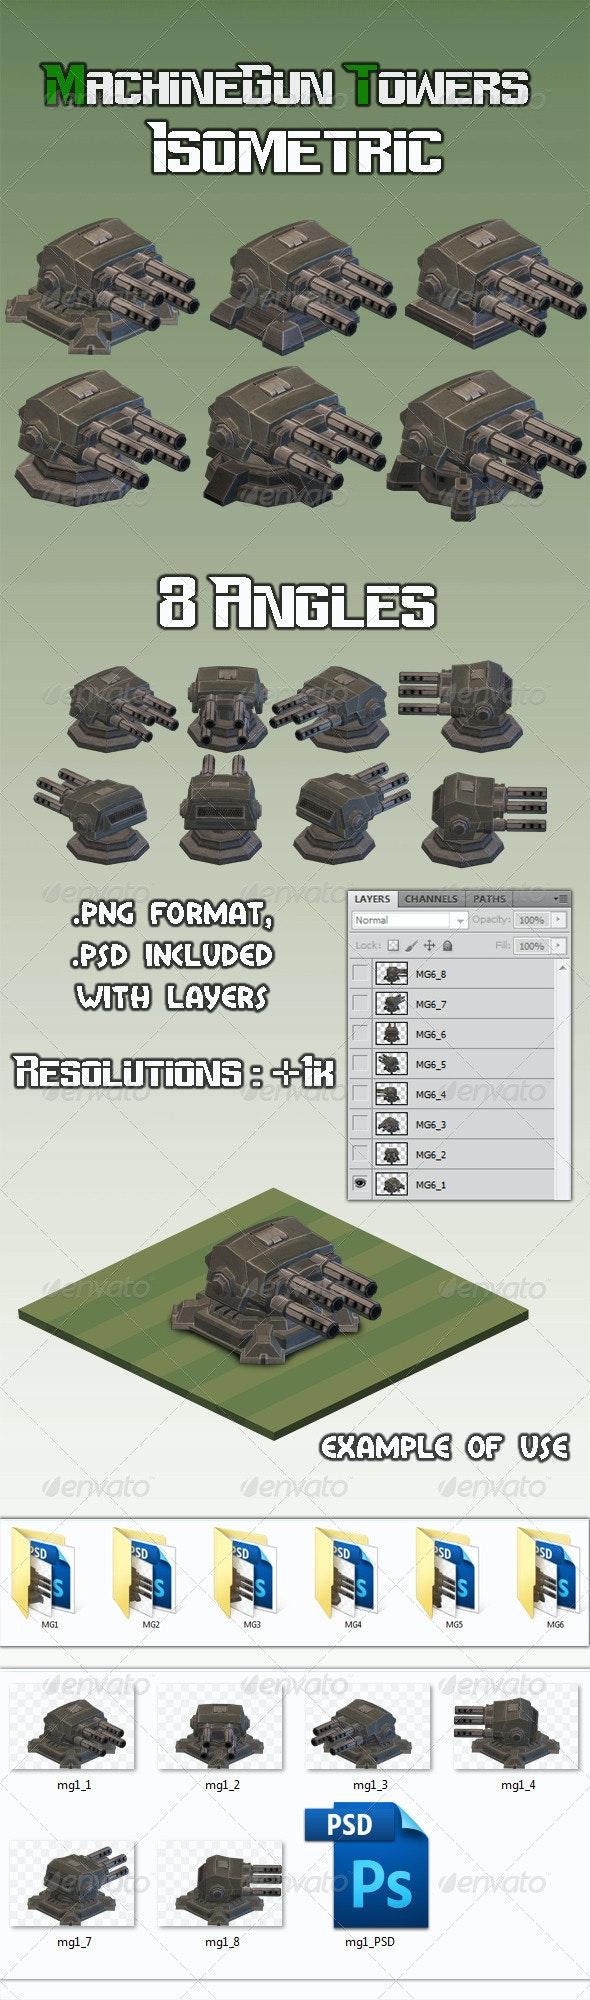 Machinegun Turret 1 Isometric